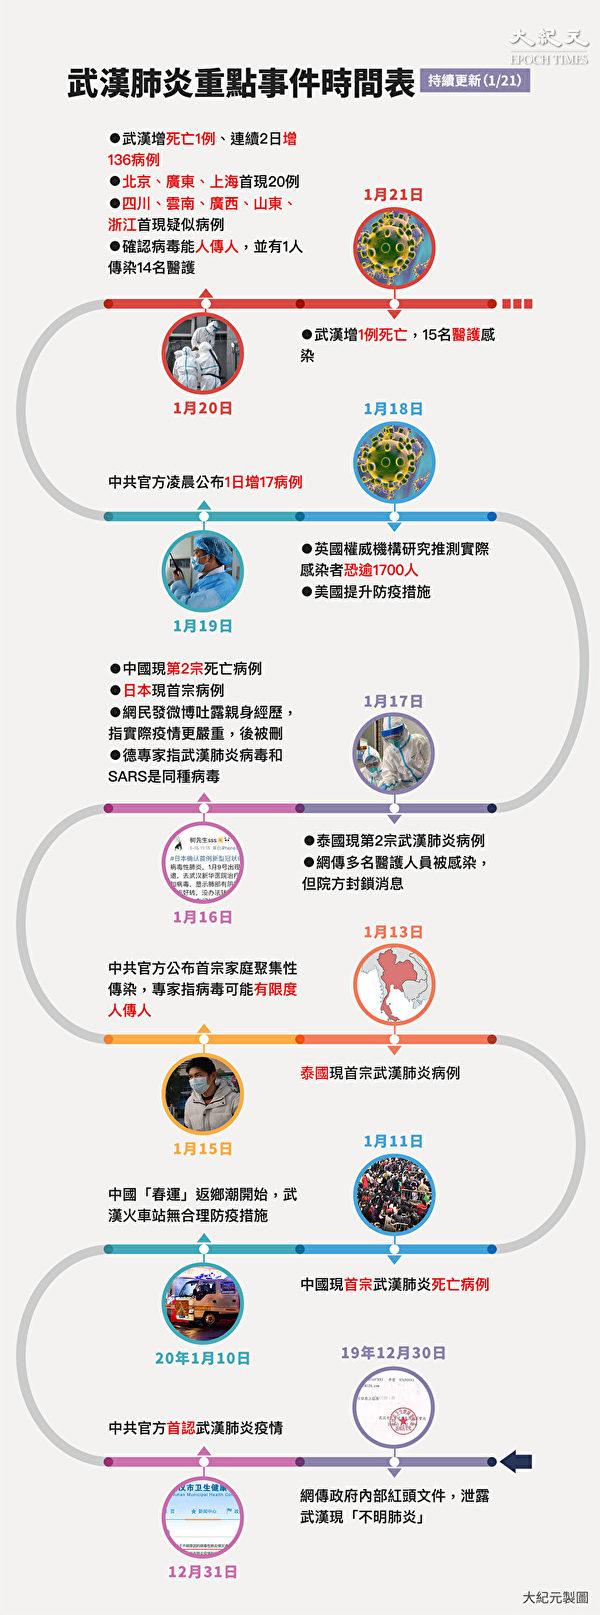 中共肺炎疫情重點事件時間表。點此看大圖。(大紀元製圖)